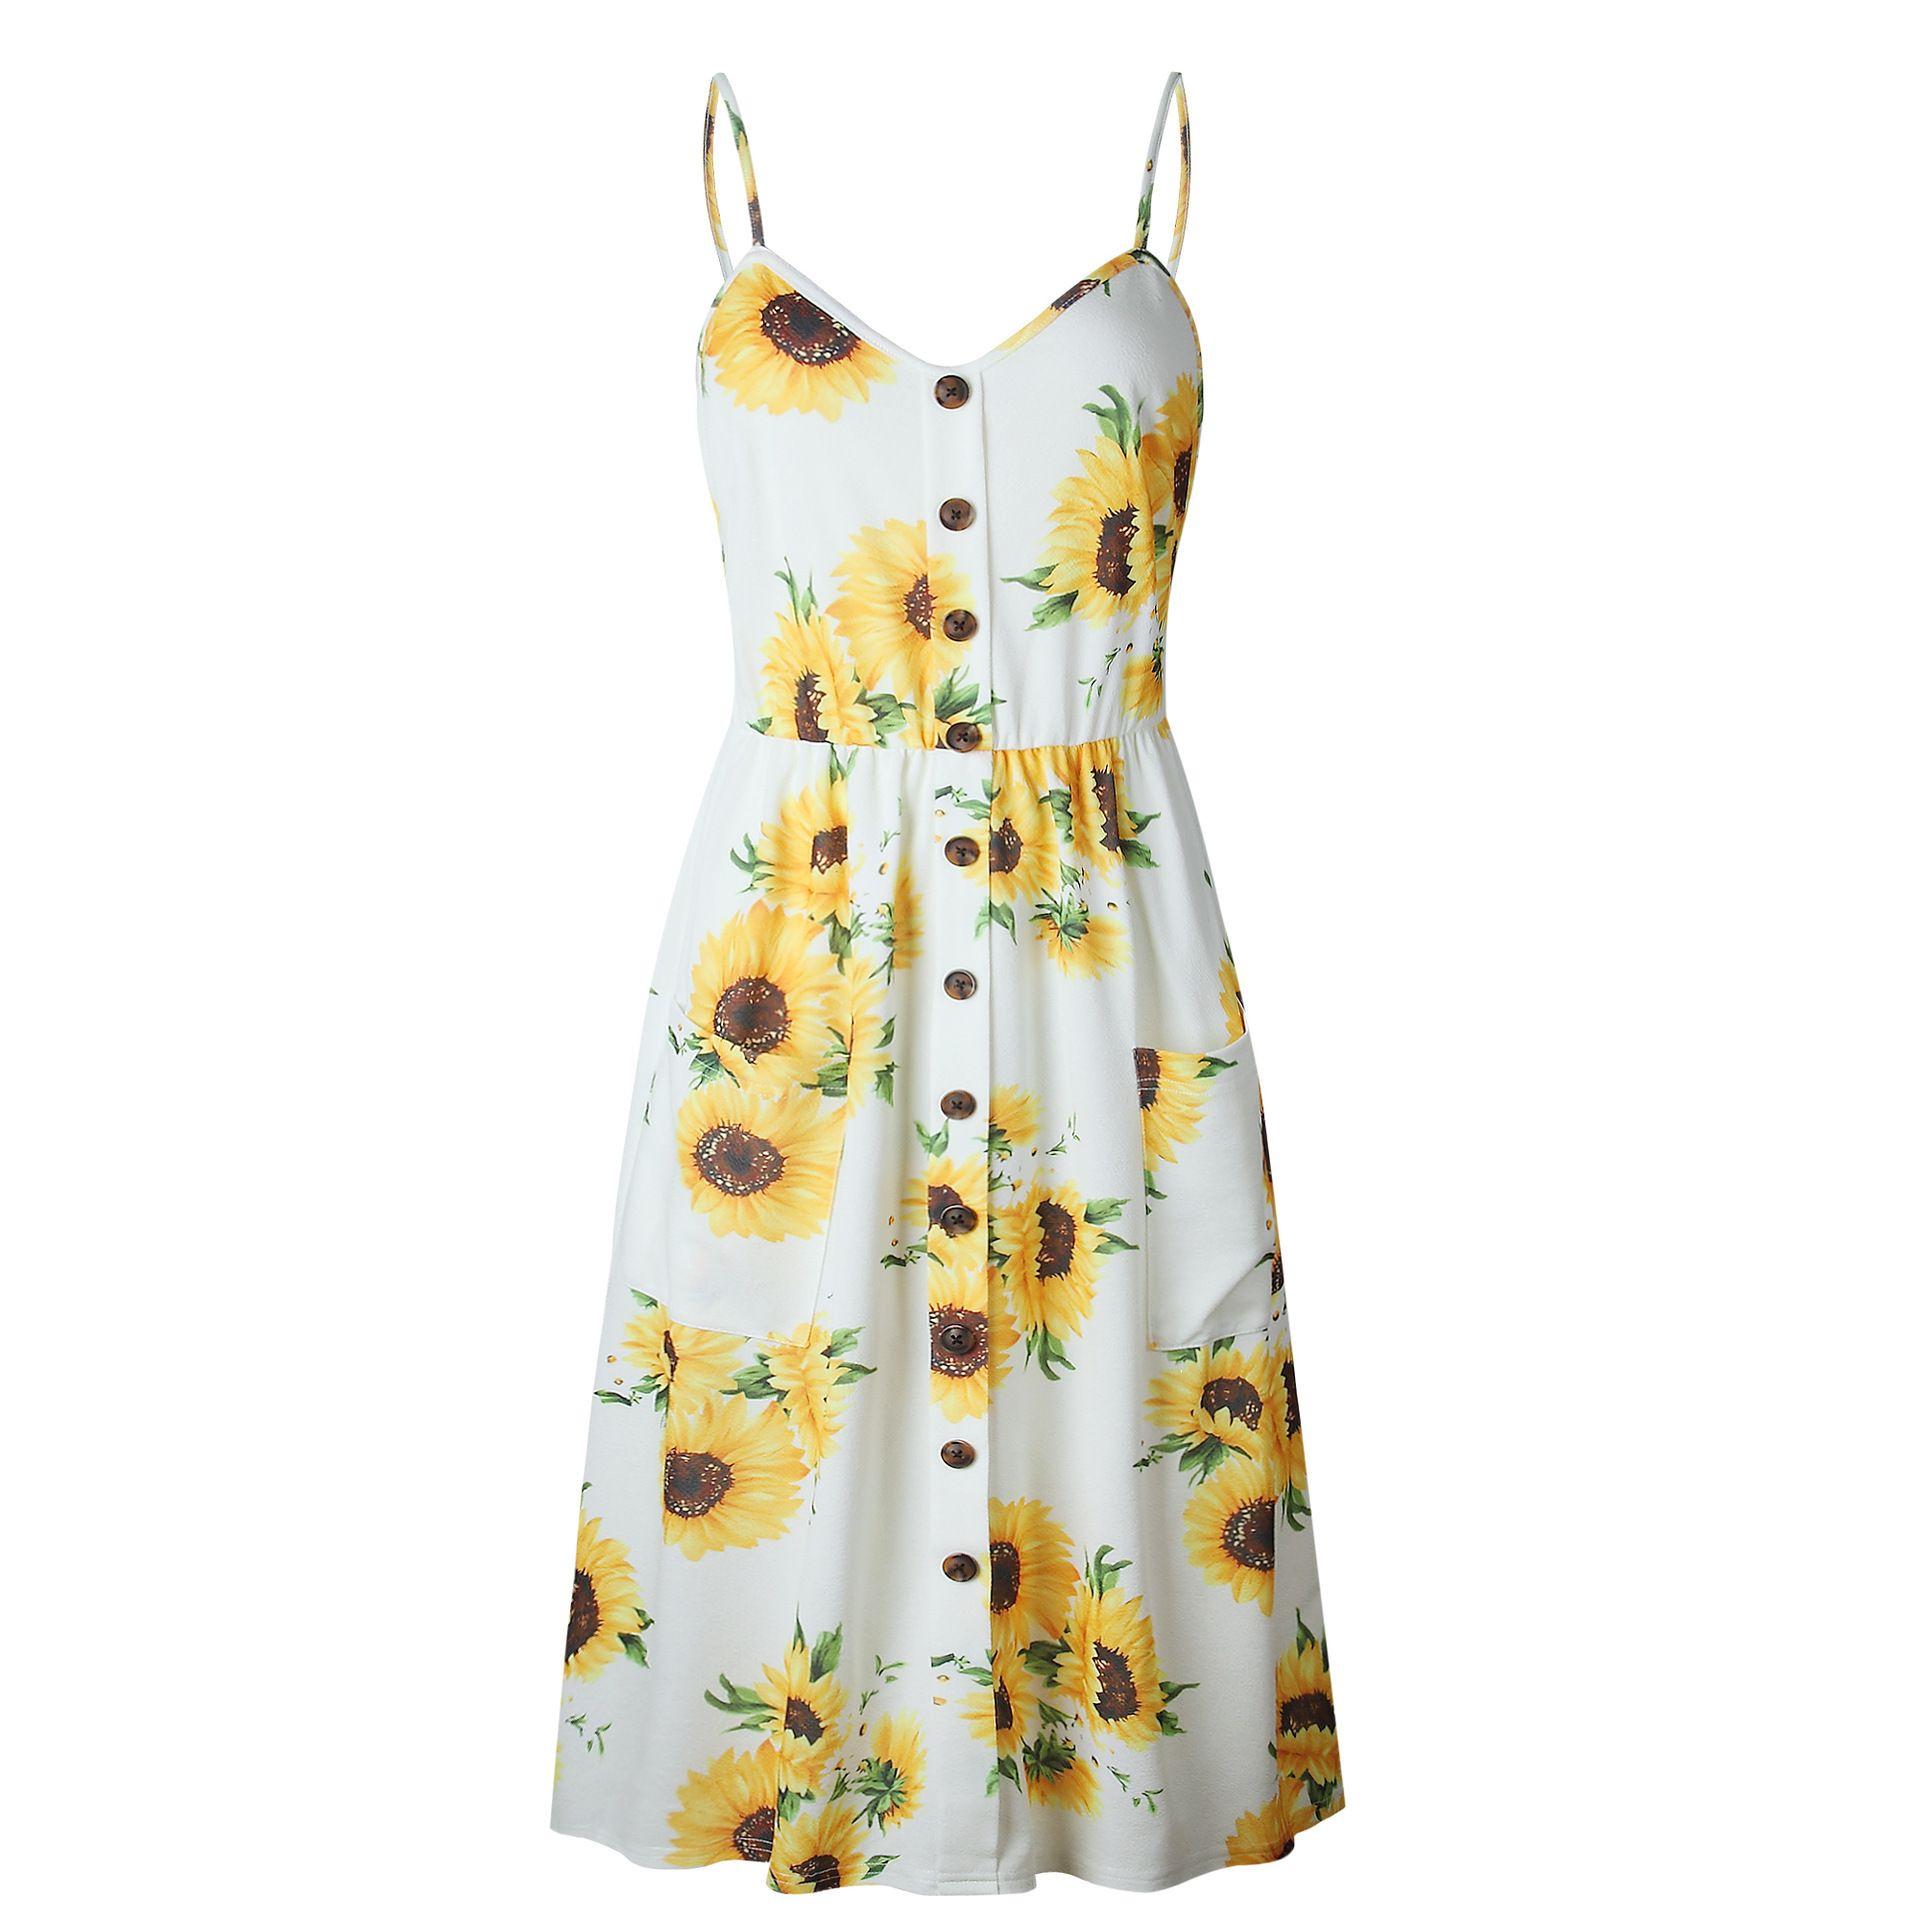 Sunflower Pineapple Floral Buttons Sleeveless Dress Summer Dresses Sleeveless Long Dress Midi Swing Dress [ 1920 x 1920 Pixel ]